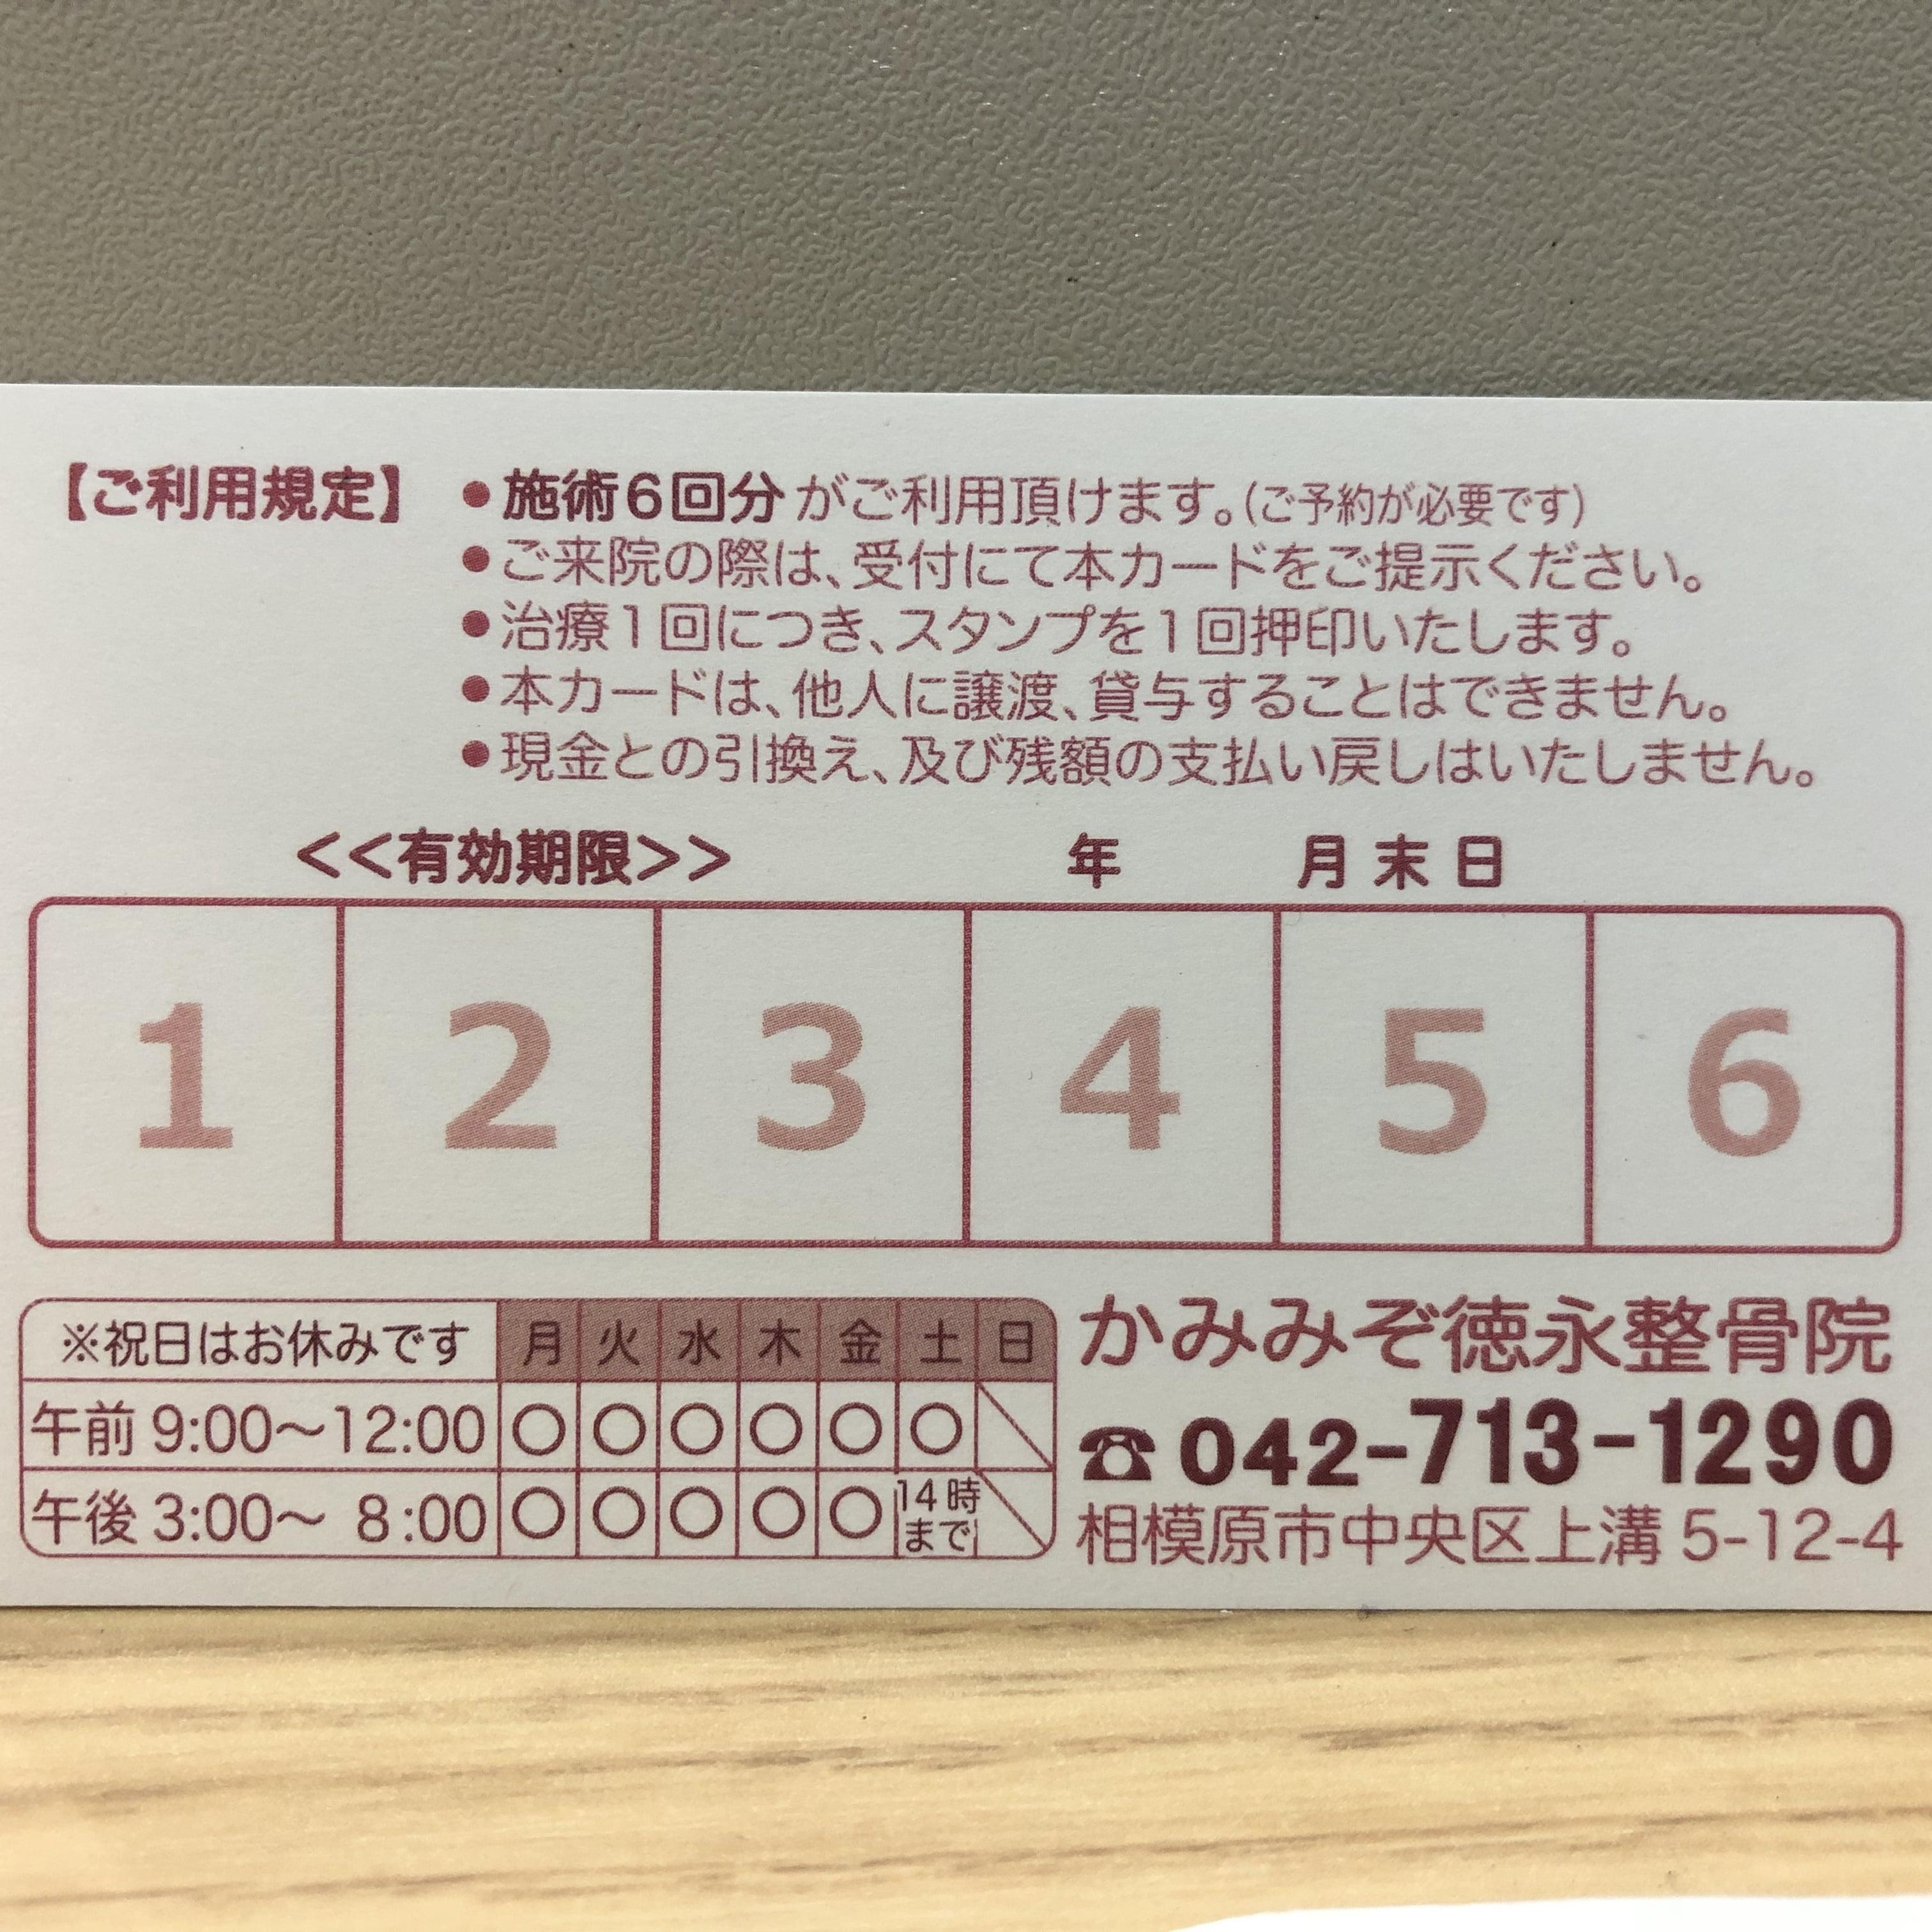 【店頭払い専用】【メルマガ会員様限定】自律神経失調症専門整体継続回数券のイメージその2